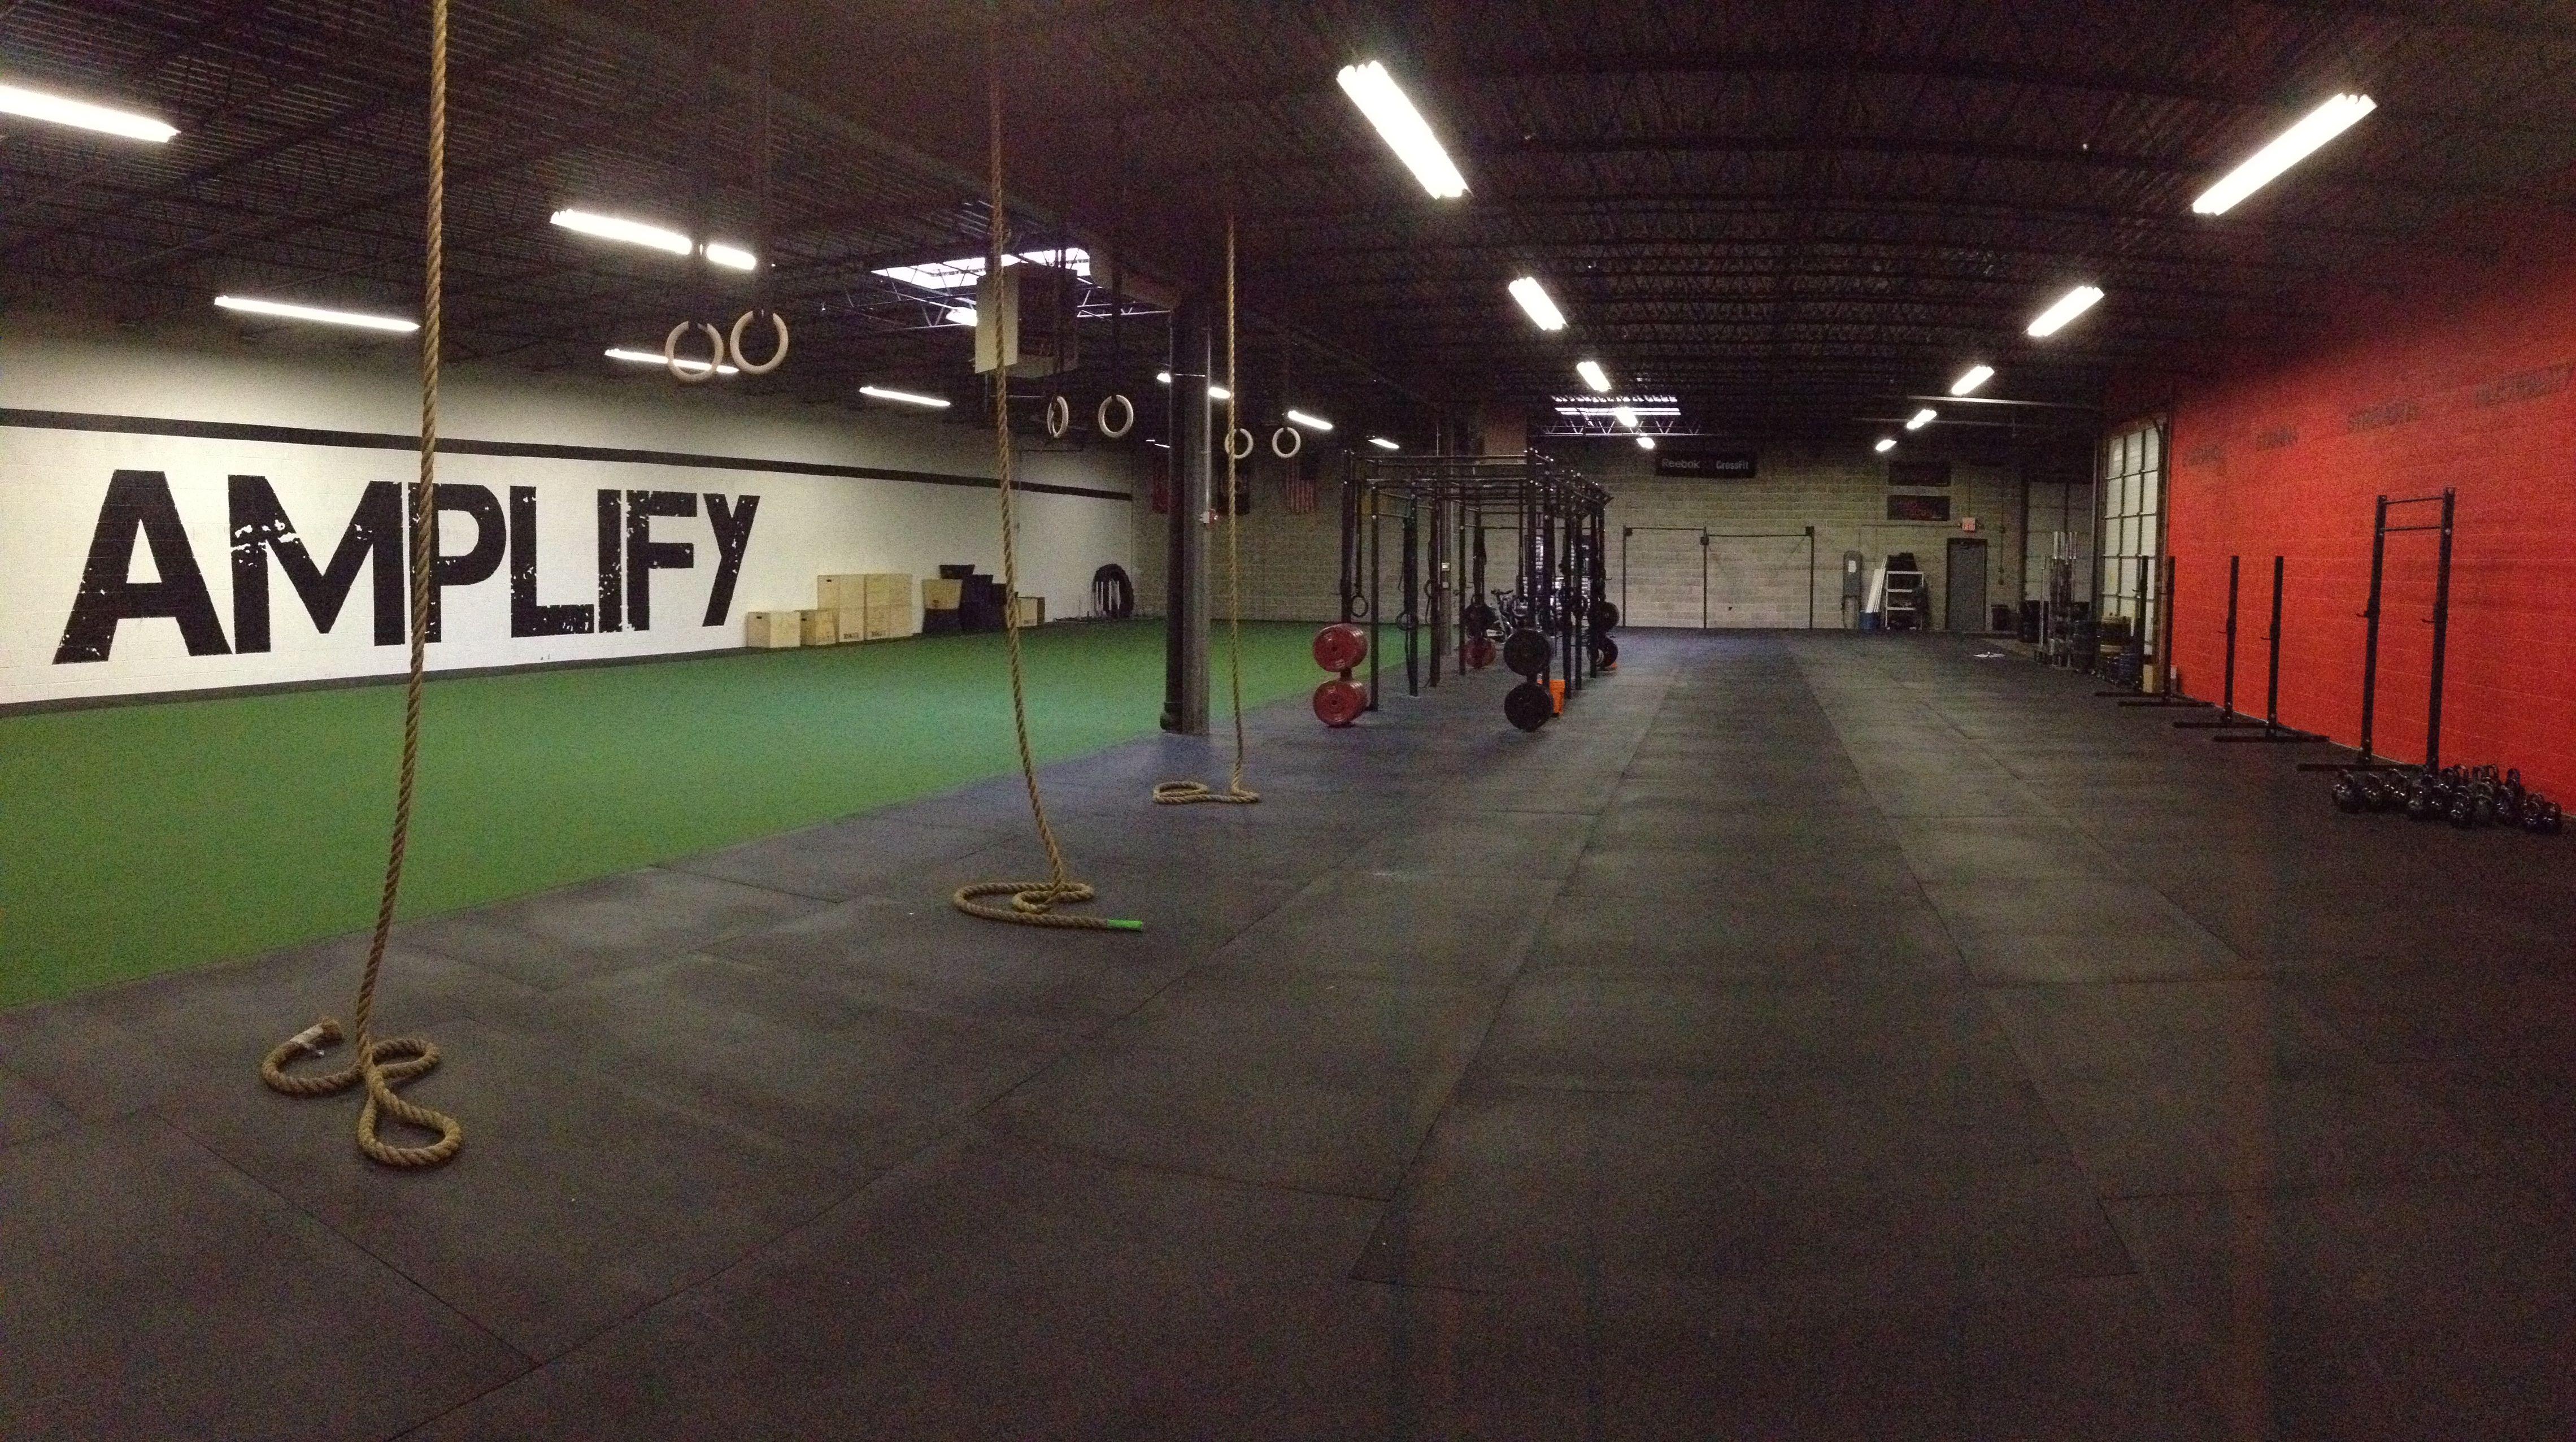 My Box Crossfitamplify Crossfit Community Gym Decor Crossfit Gym Gym Interior